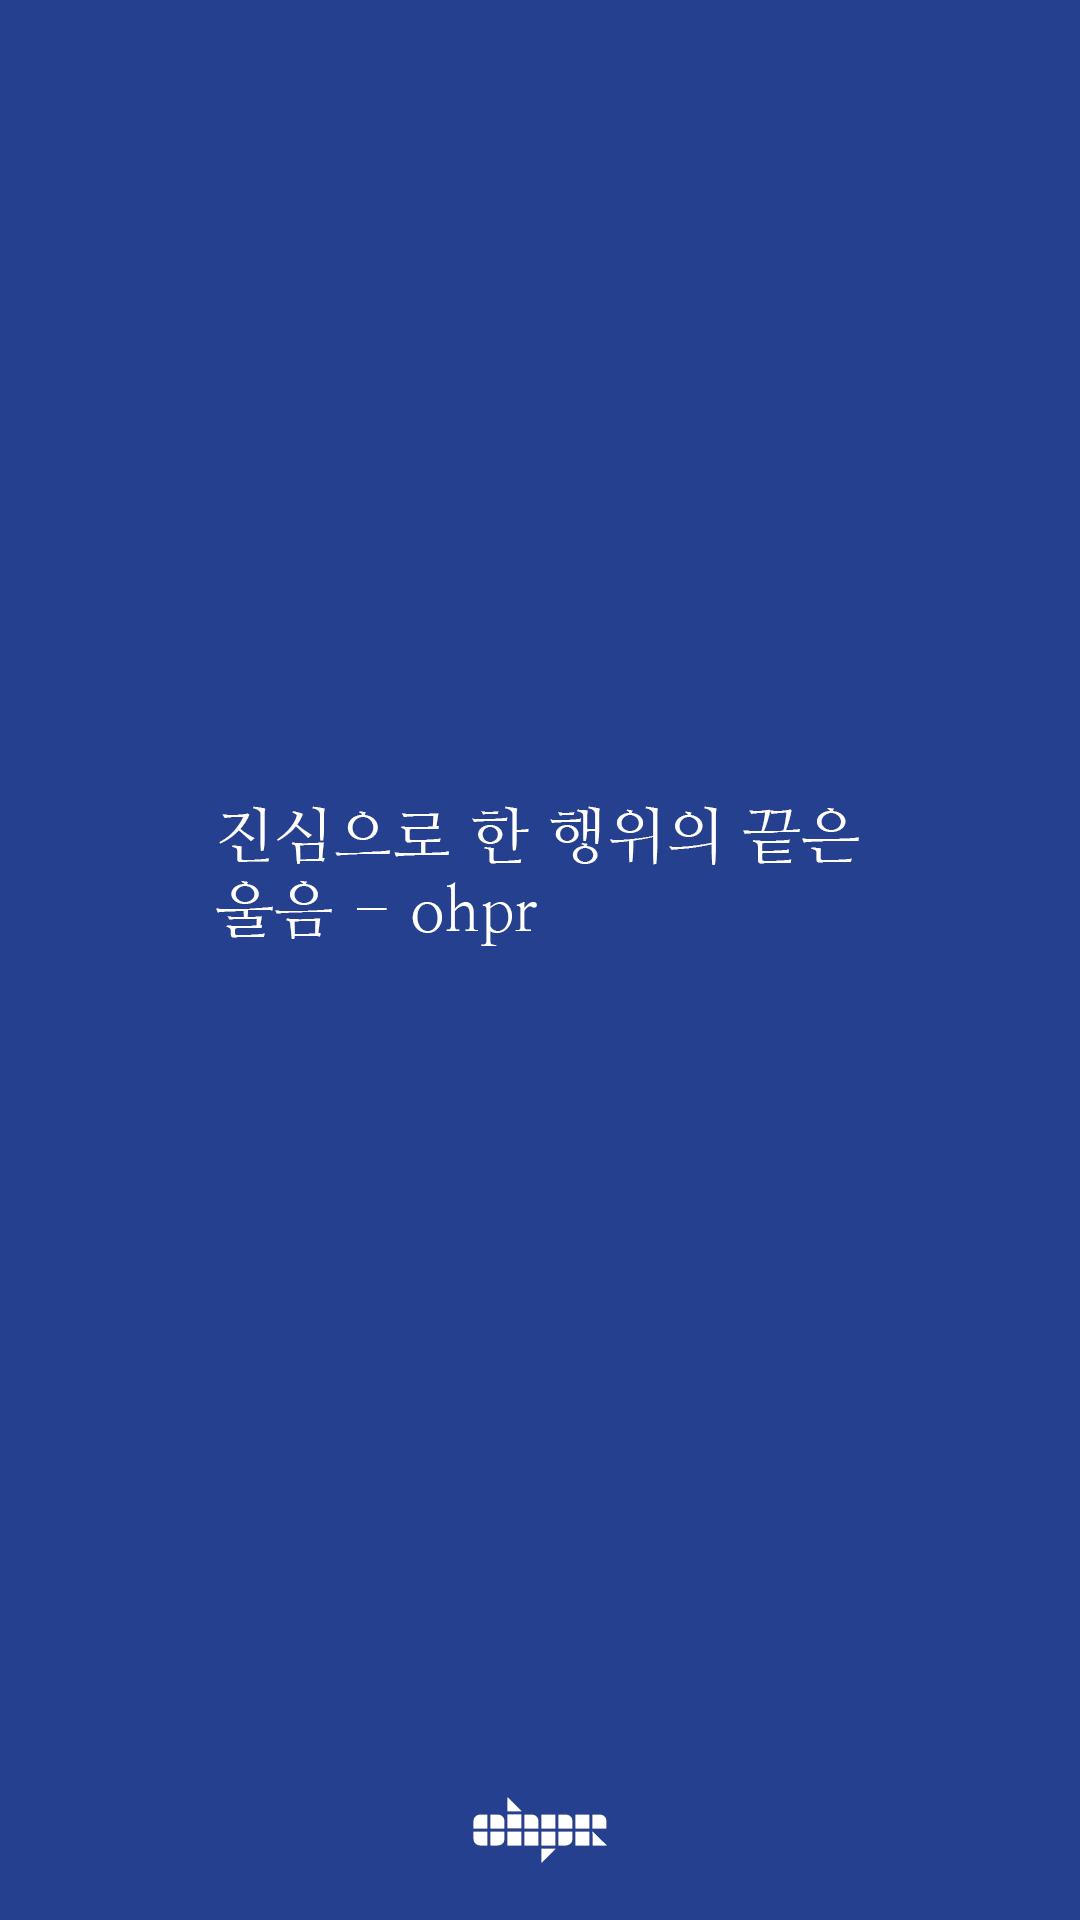 ohpr_wording31